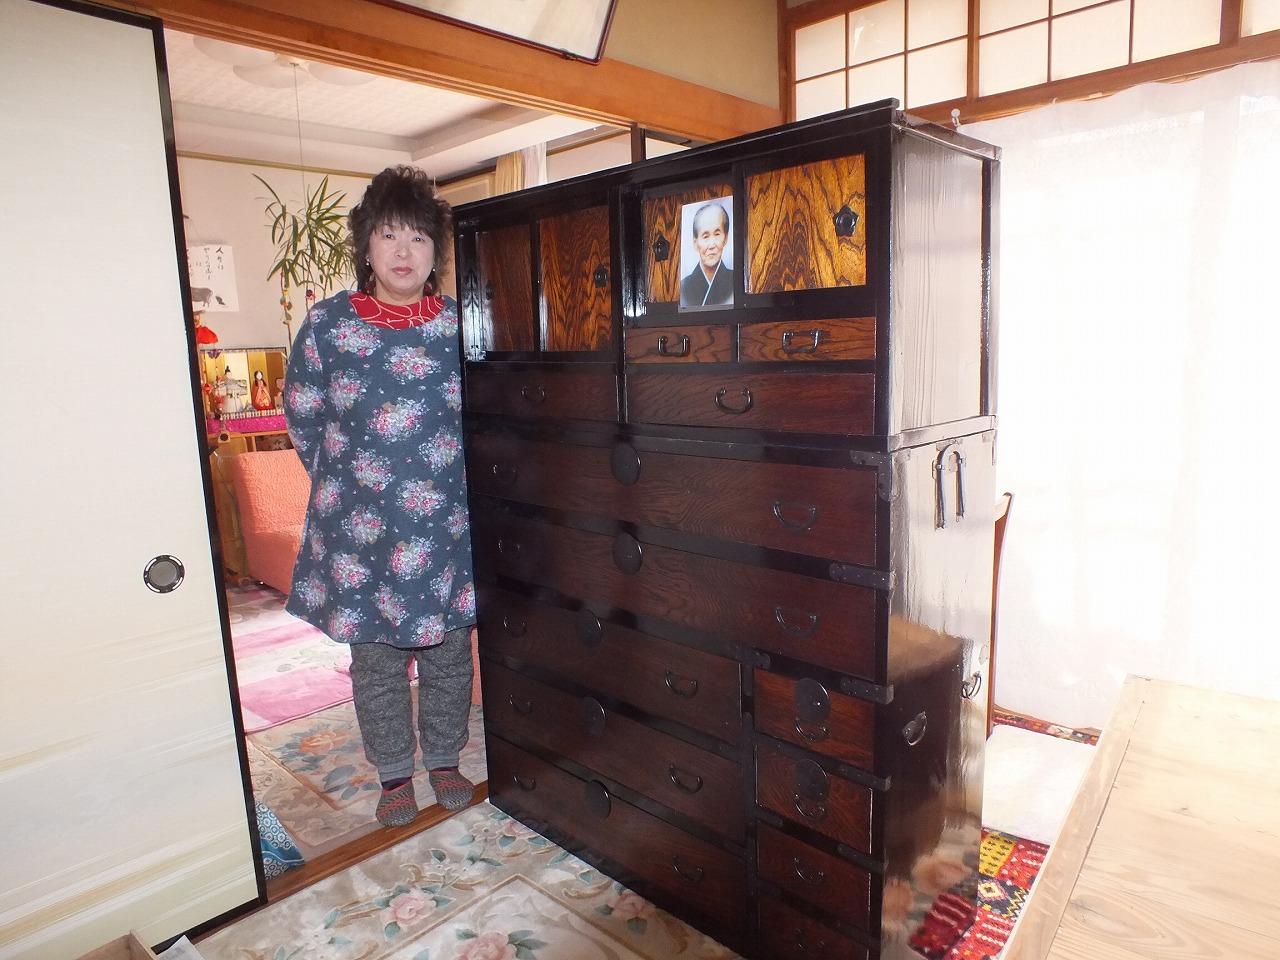 関市より修理依頼の時代箪笥を納品してきました。